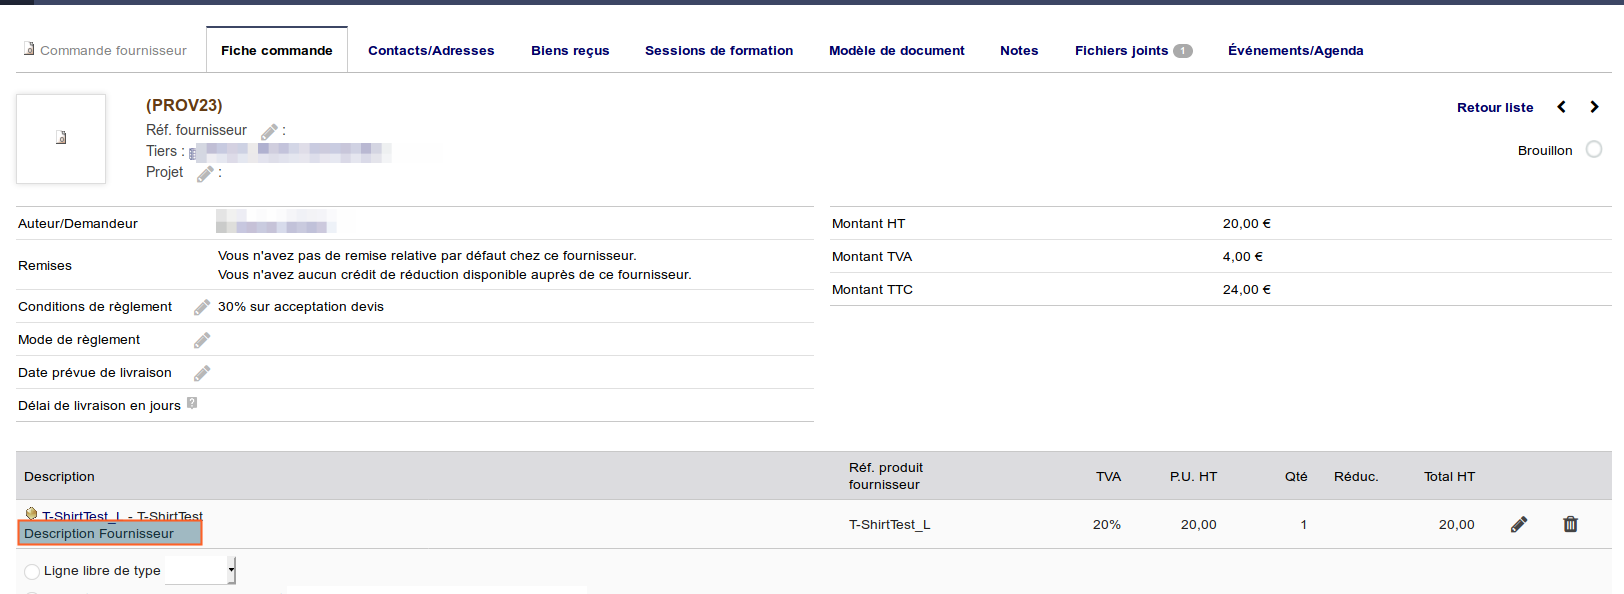 description-du-fournisseur-3